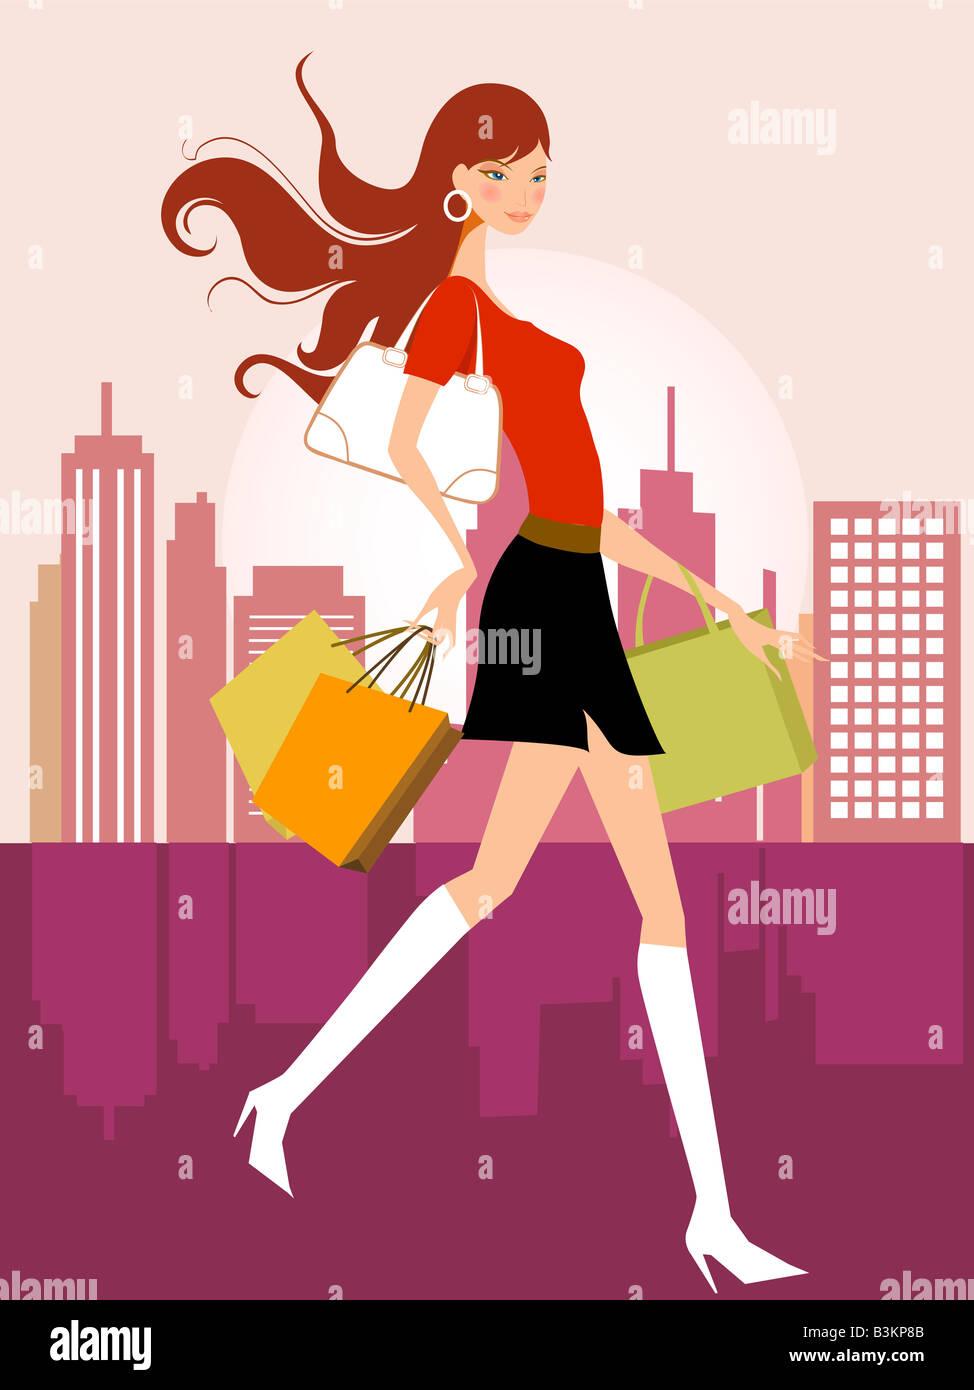 Ilustración dibujo de chica de compras Imagen De Stock